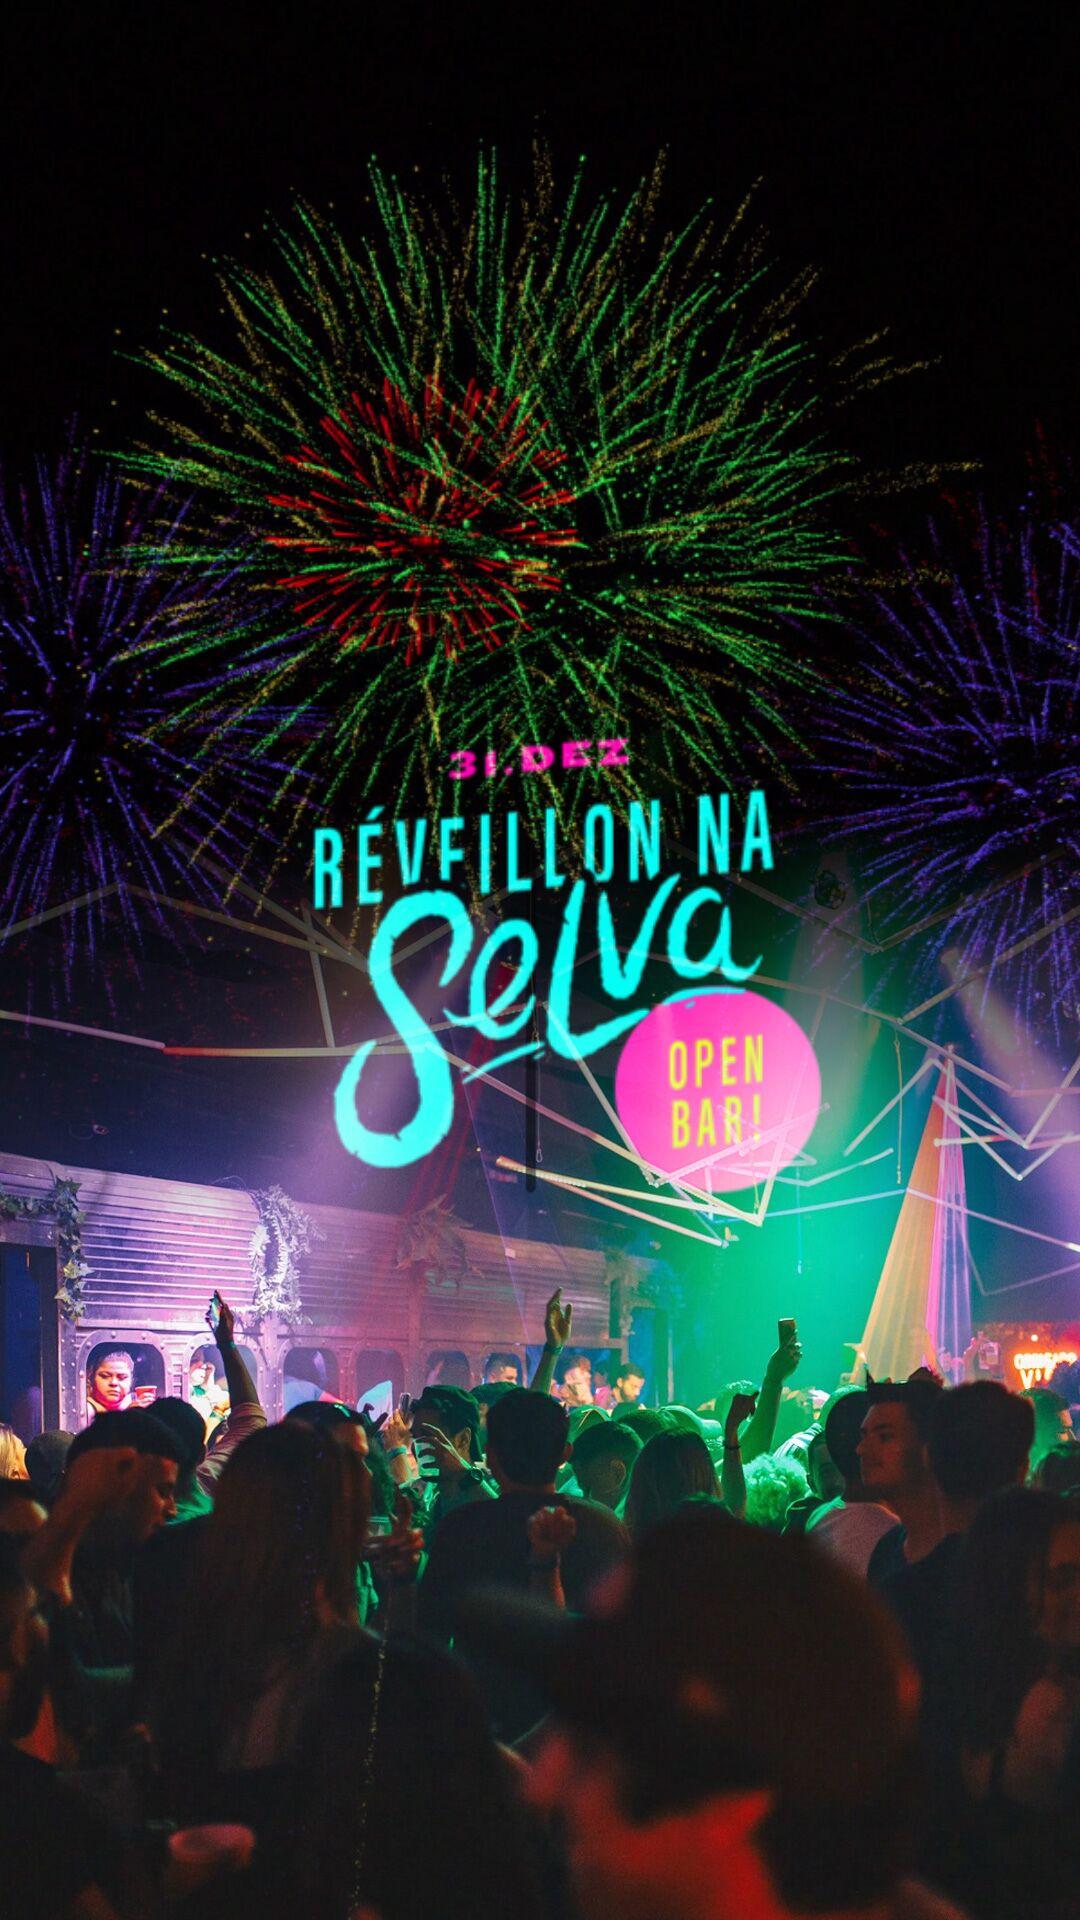 Réveillon na Selva ✭ Open Bar ✭ Adeus 2019! ✭